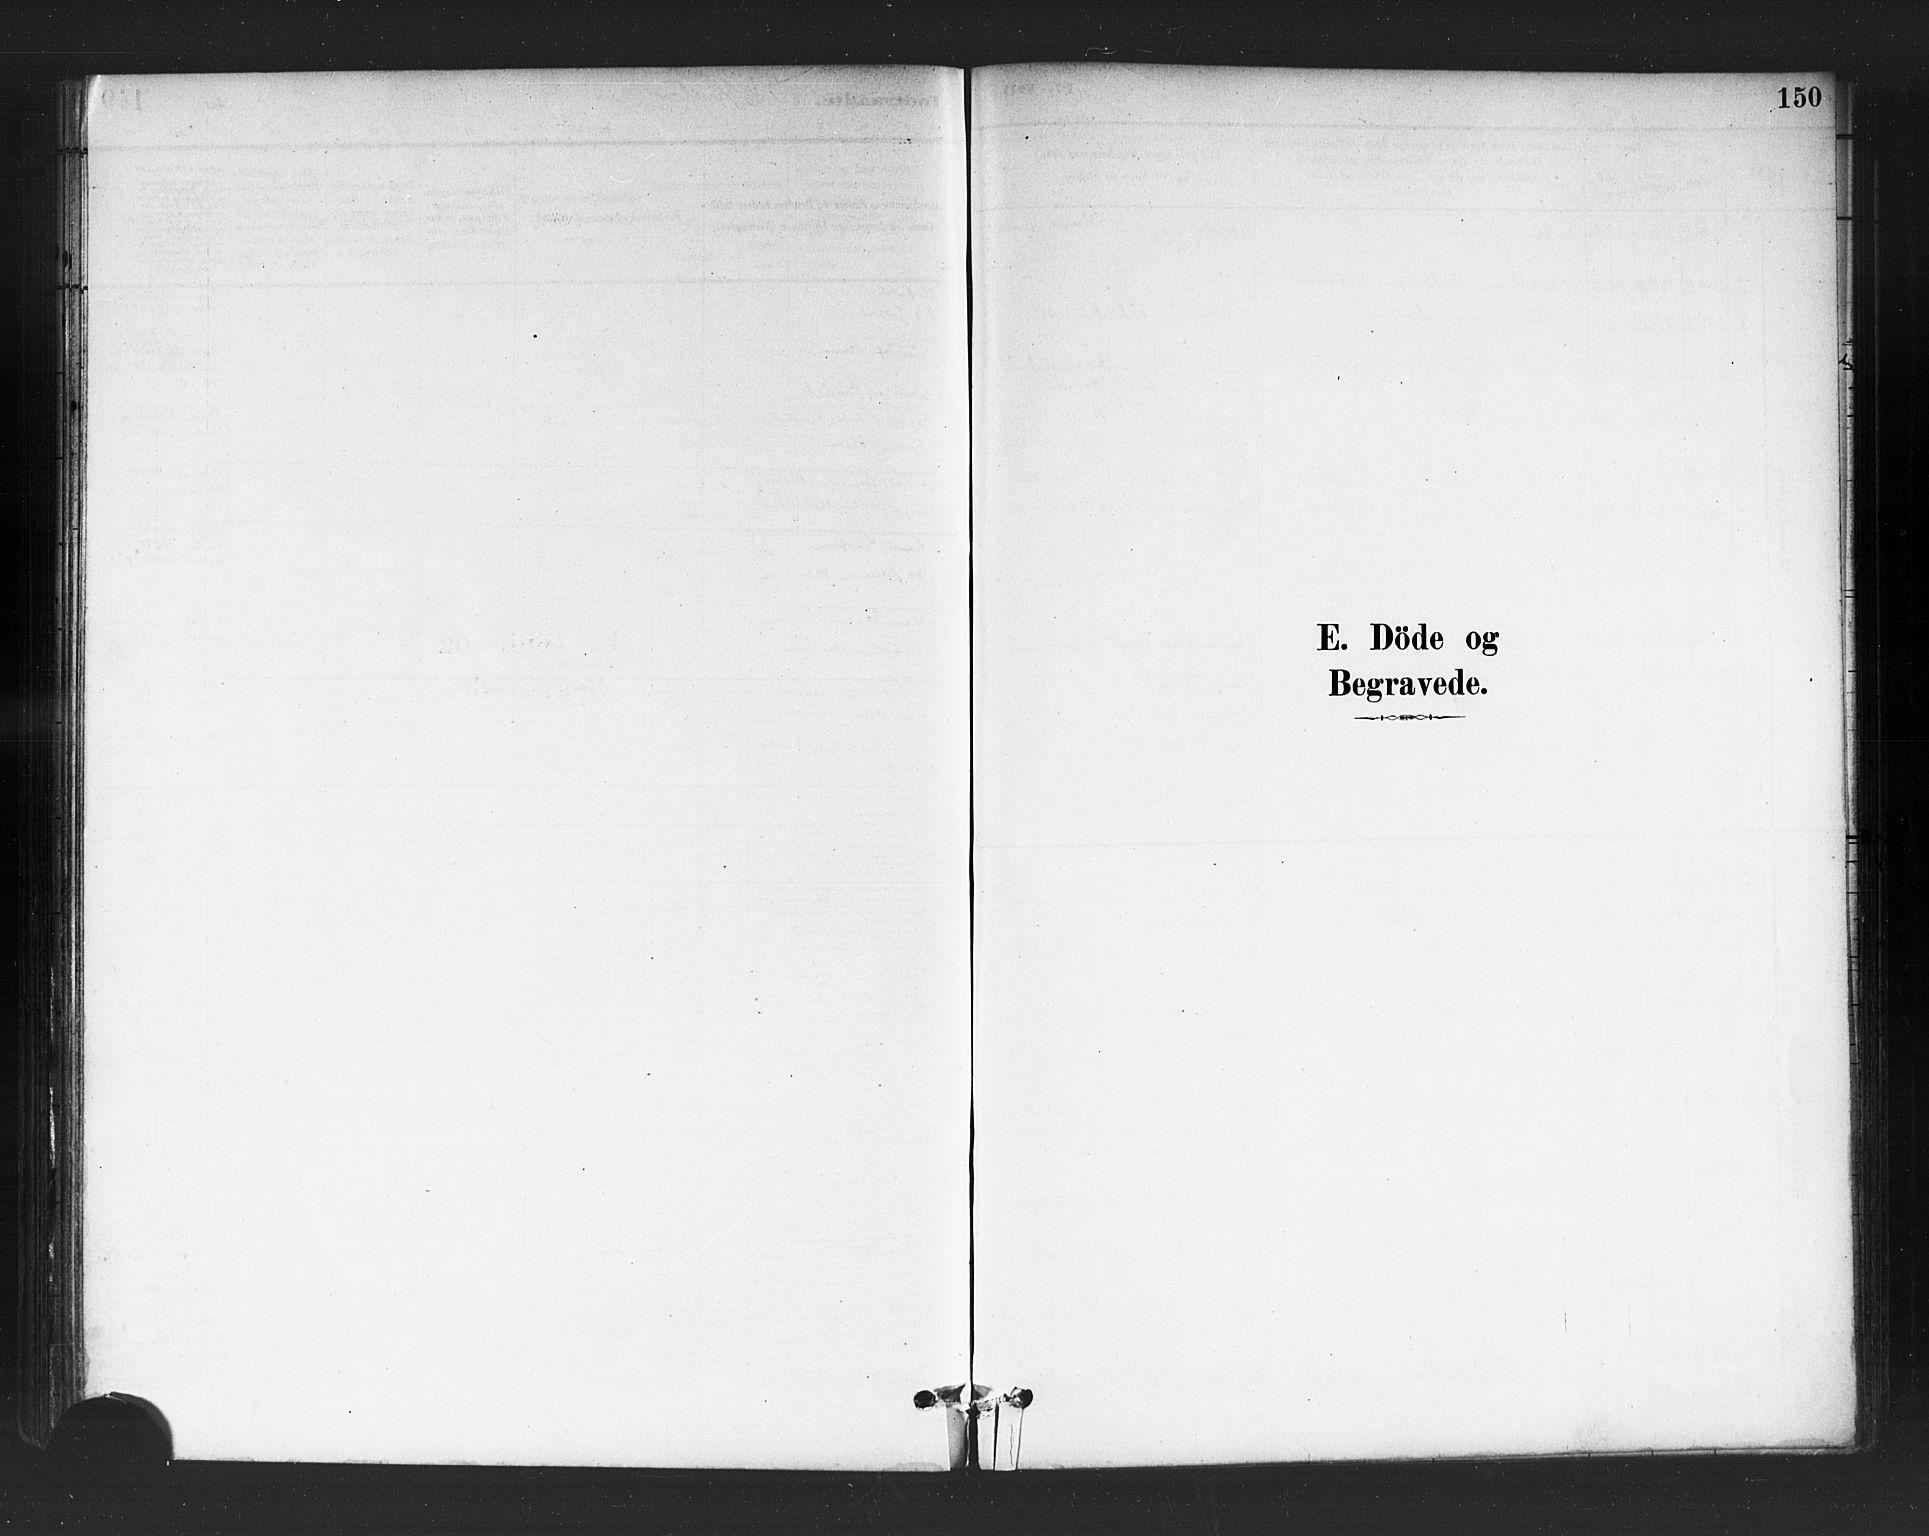 SAO, Petrus prestekontor Kirkebøker, F/Fa/L0002: Ministerialbok nr. 2, 1881-1896, s. 150